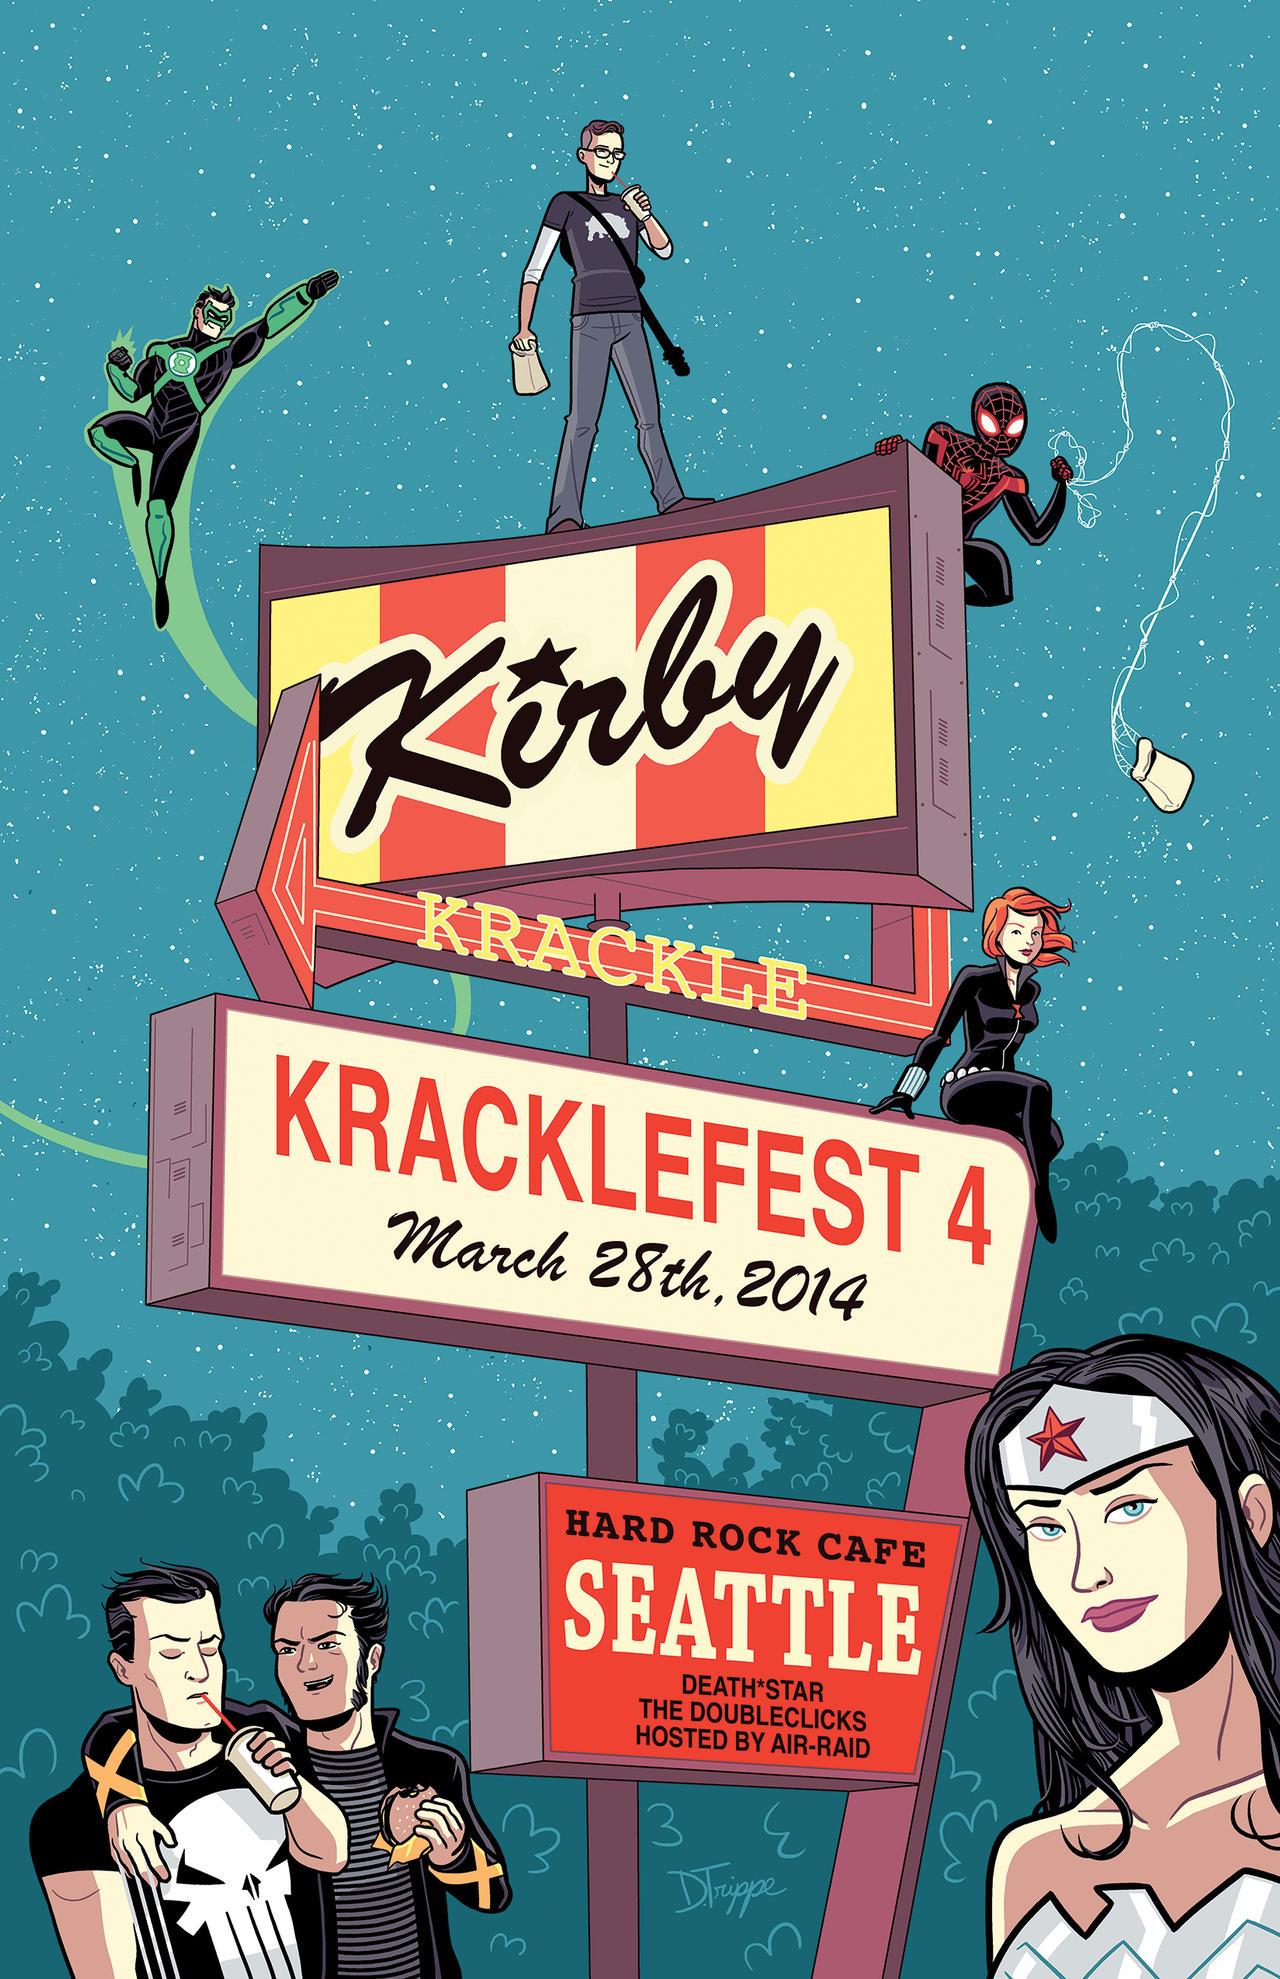 Kracklefest 2014 Poster by dryponder